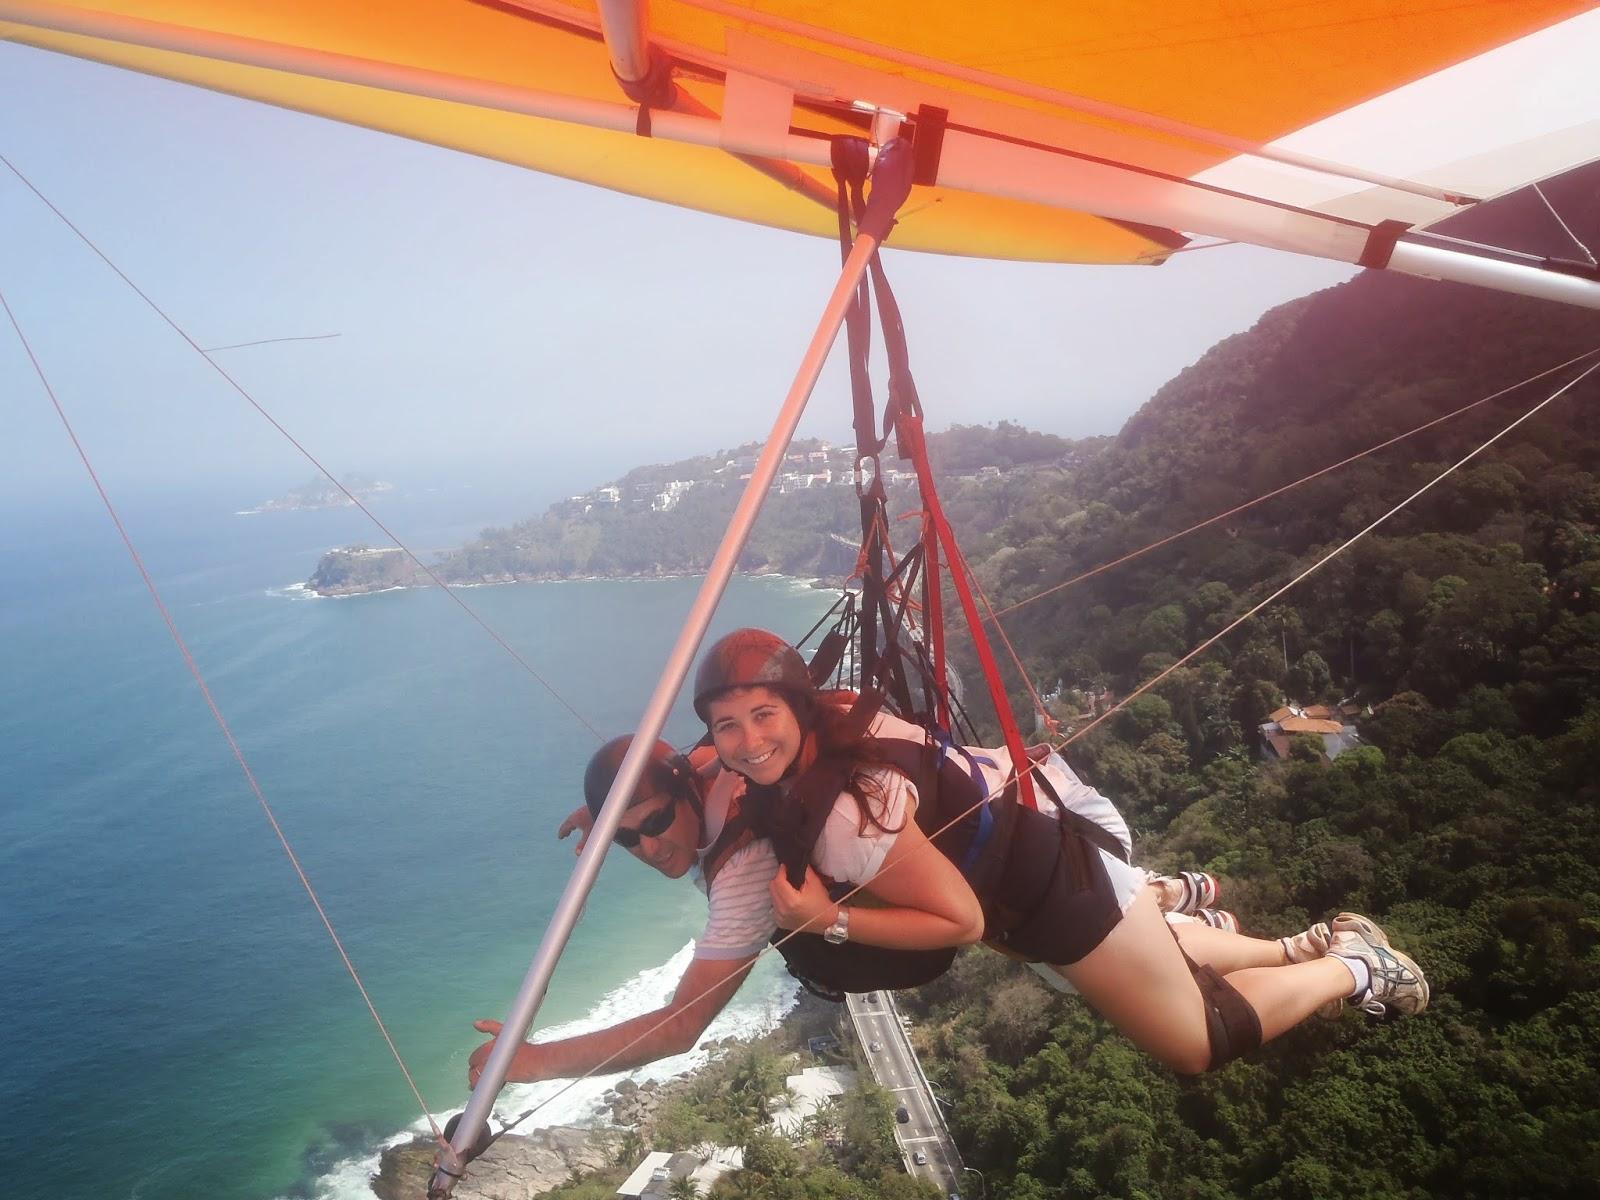 Girl hang gliding over Rio de Janeiro